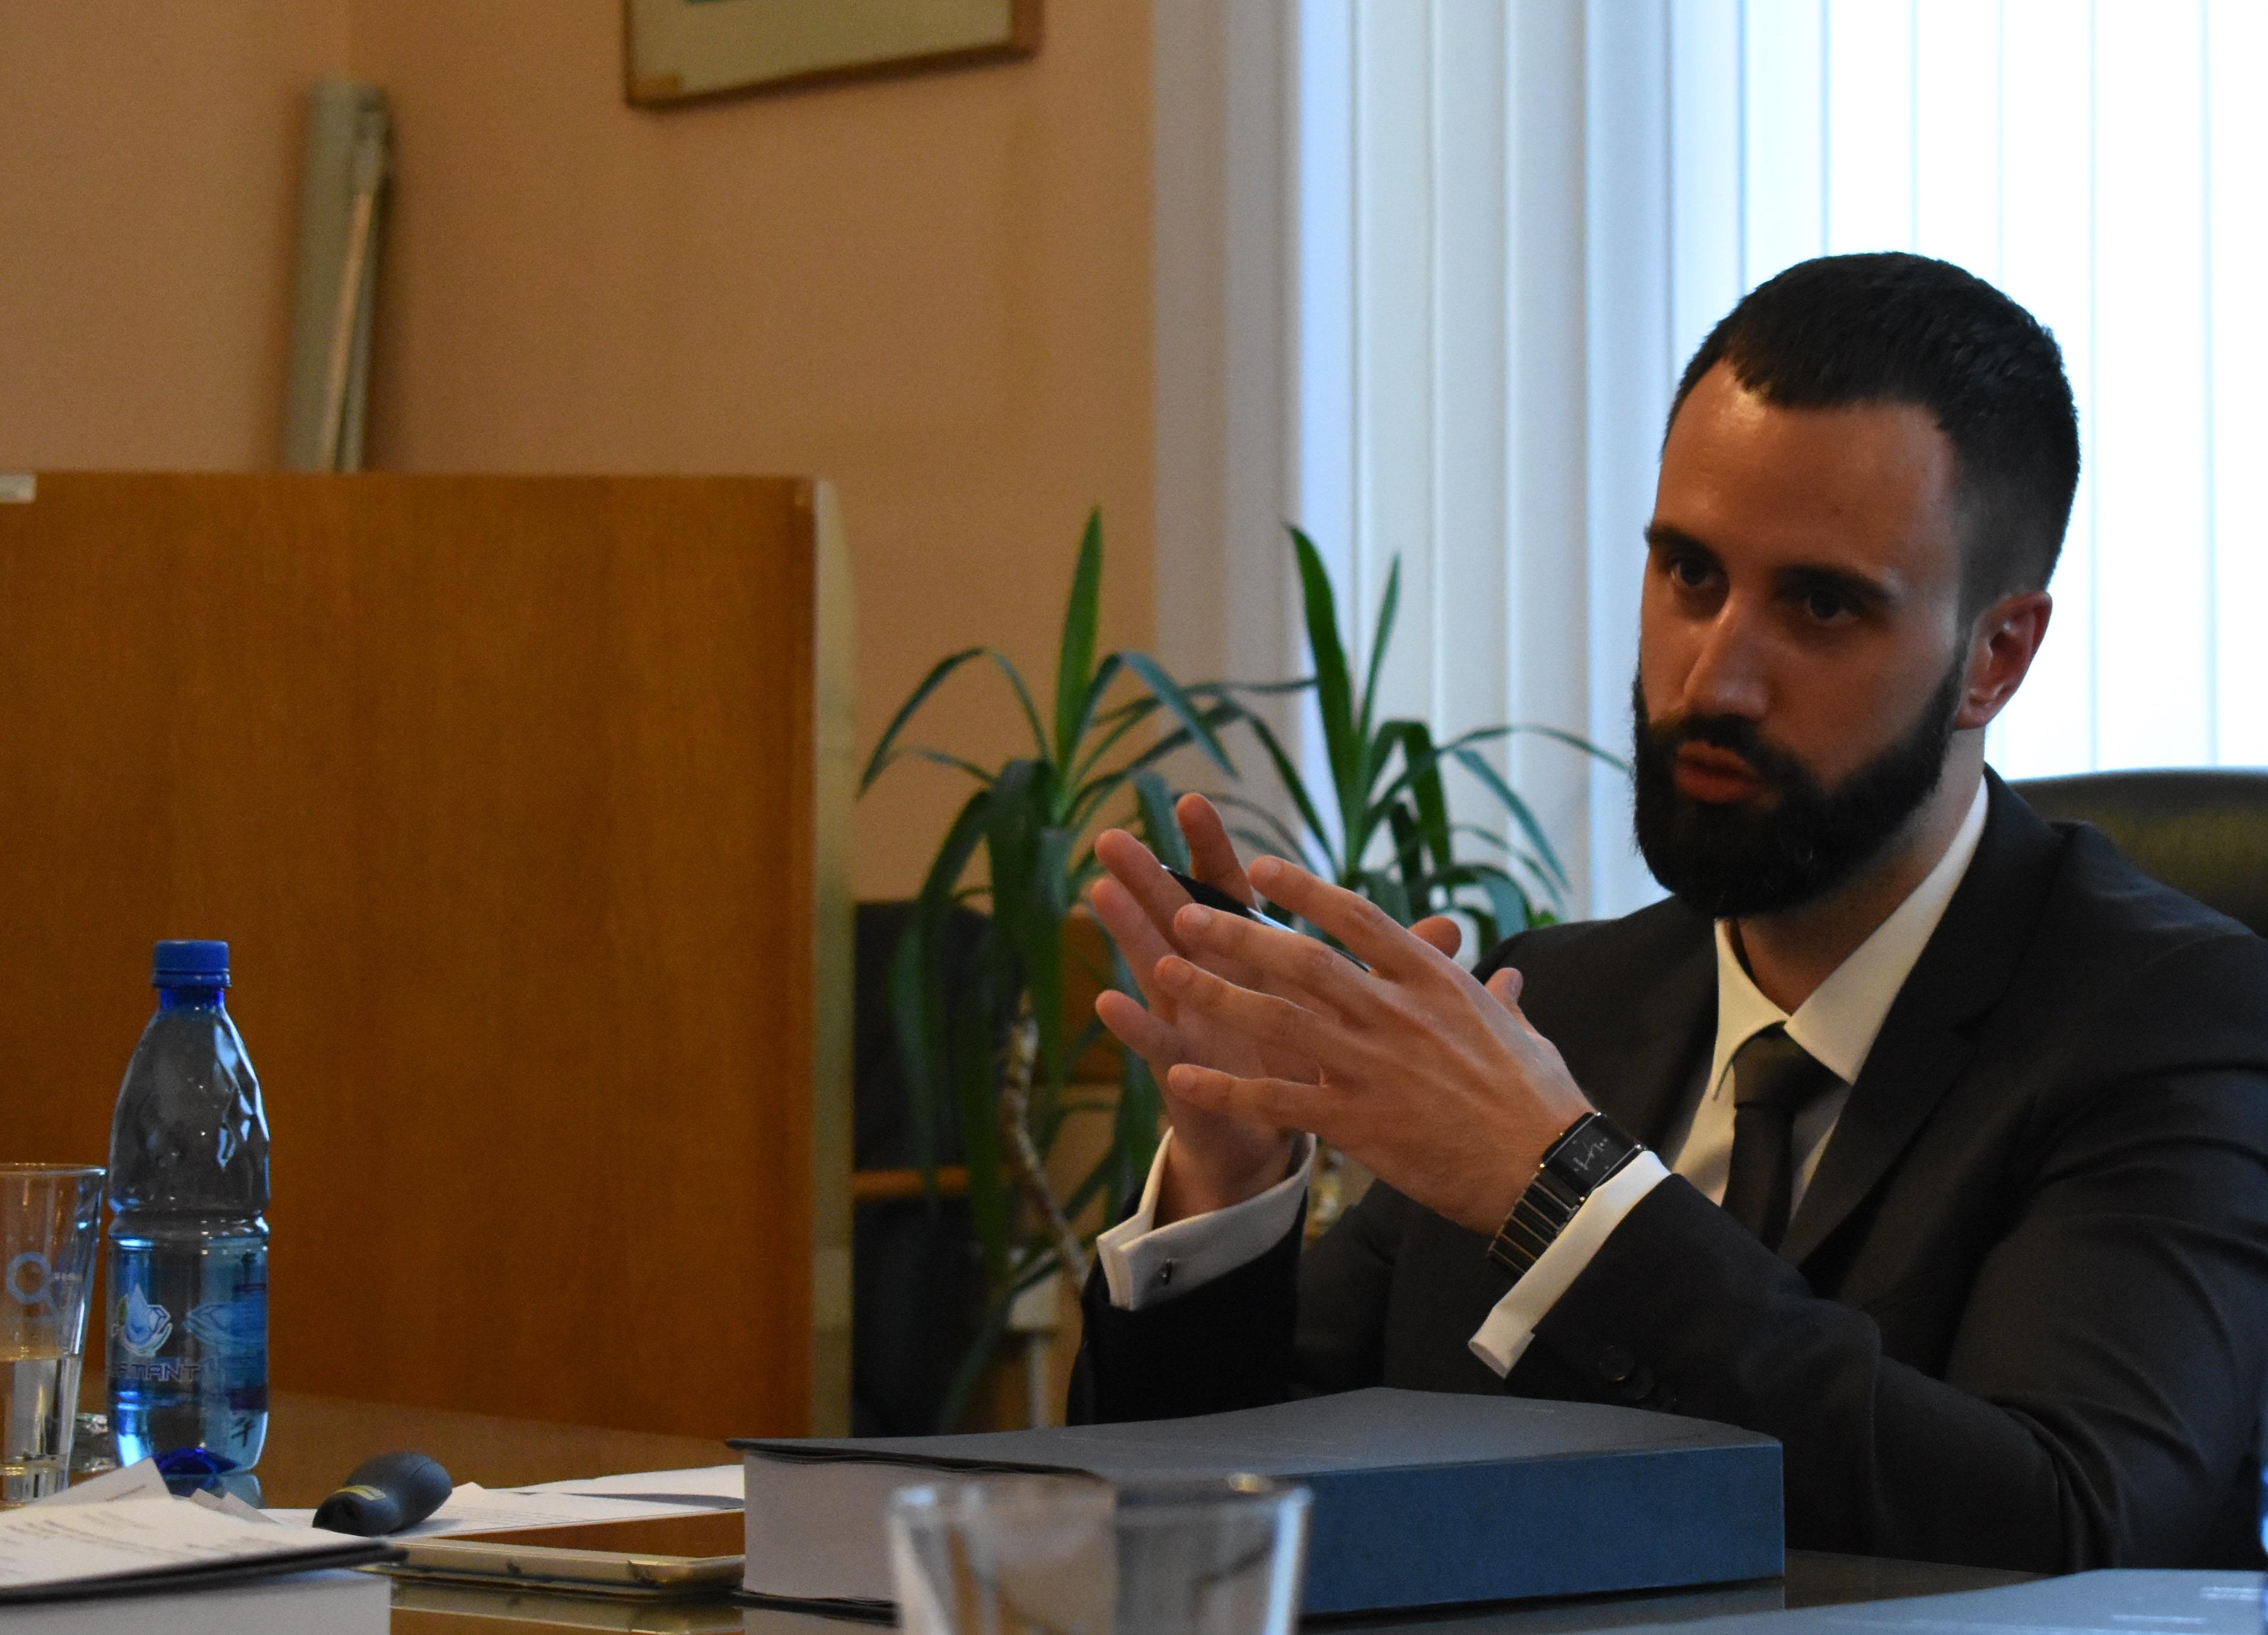 Mehmed Bećić: Opredijelite se za studij koji vas iskreno zanima i privlači